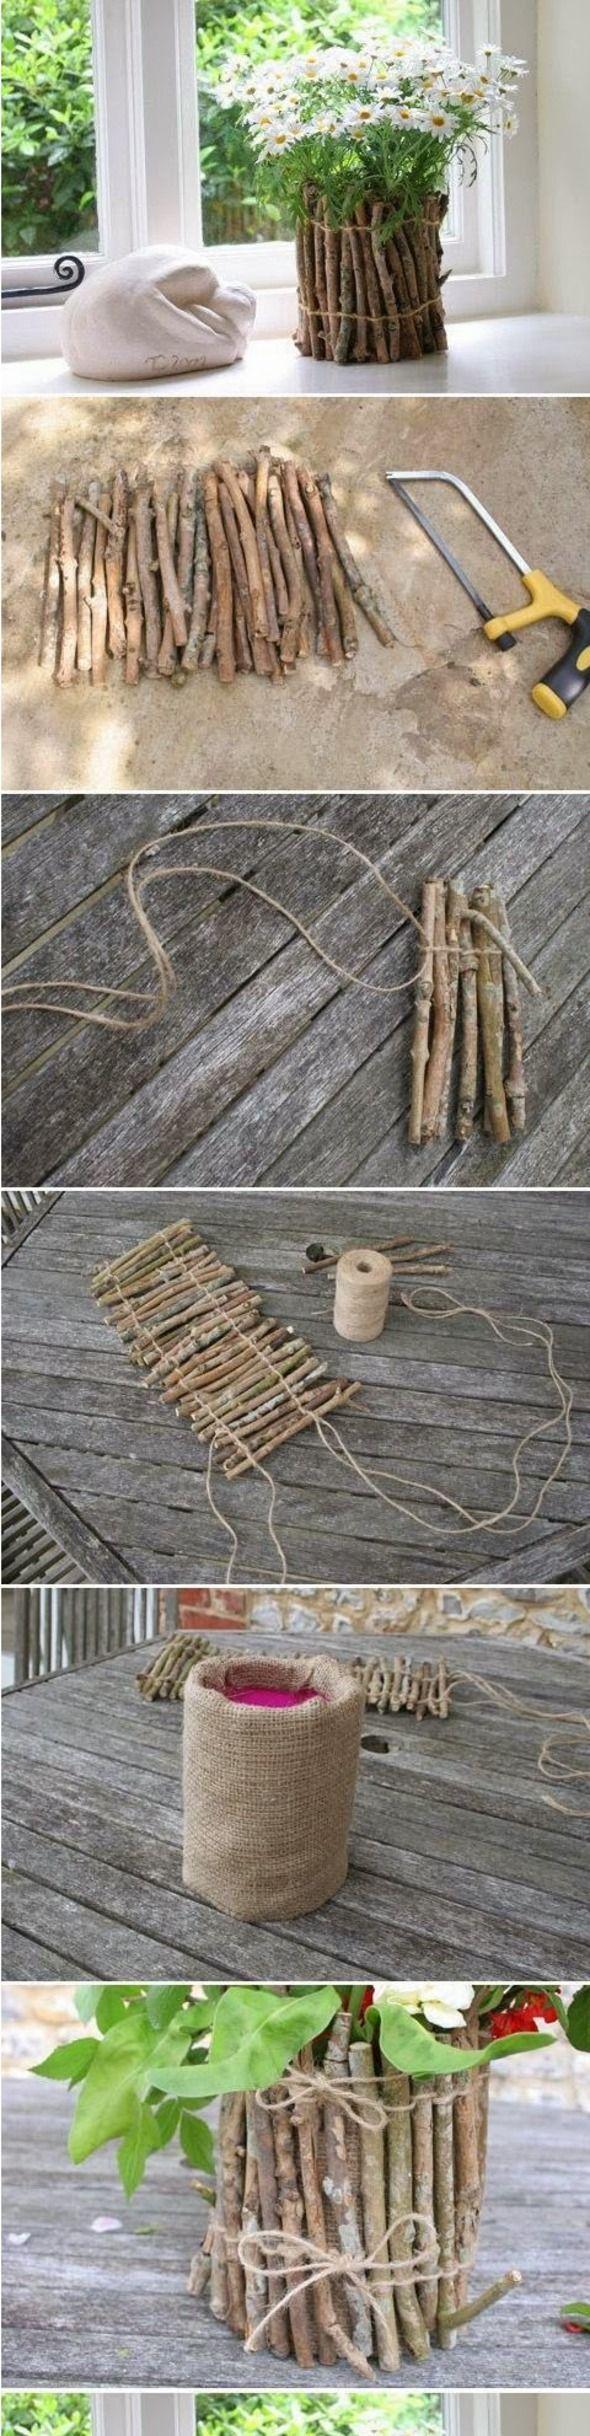 DIY : Fabriquer un cache pot avec des branchages